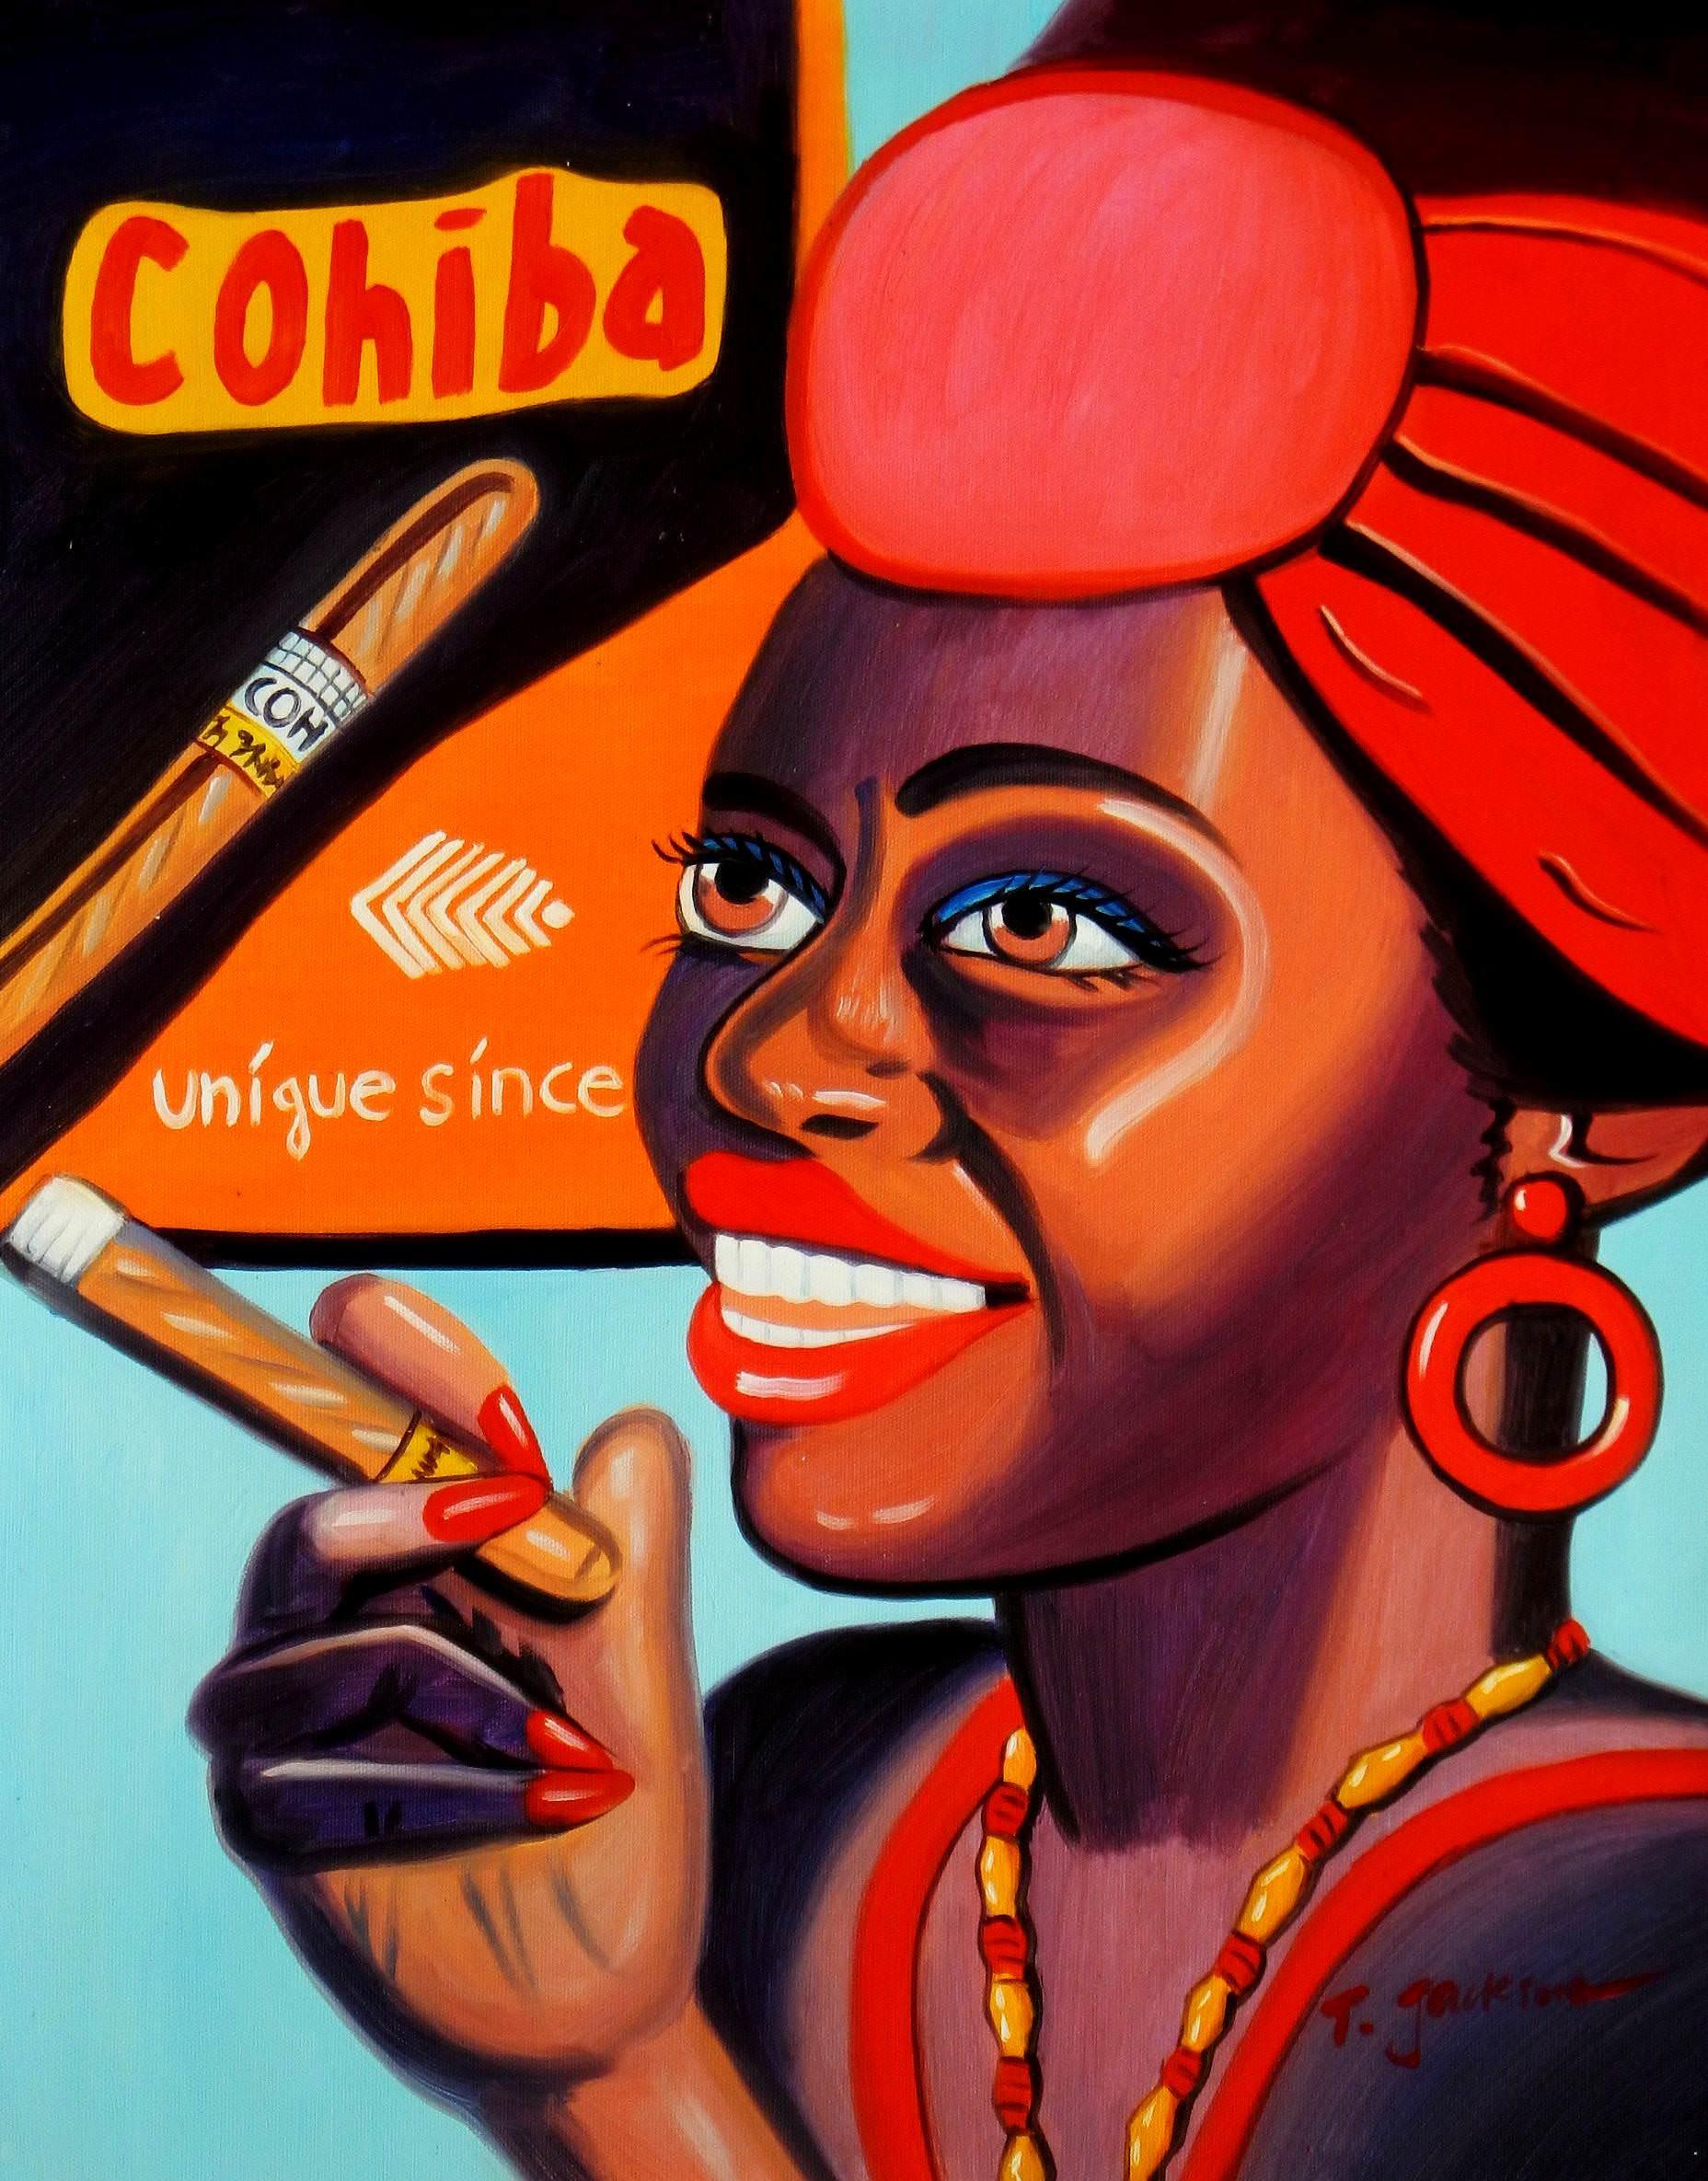 Cuba Cohiba cigars b96007 40x50cm exzellentes Ölgemälde handgemalt